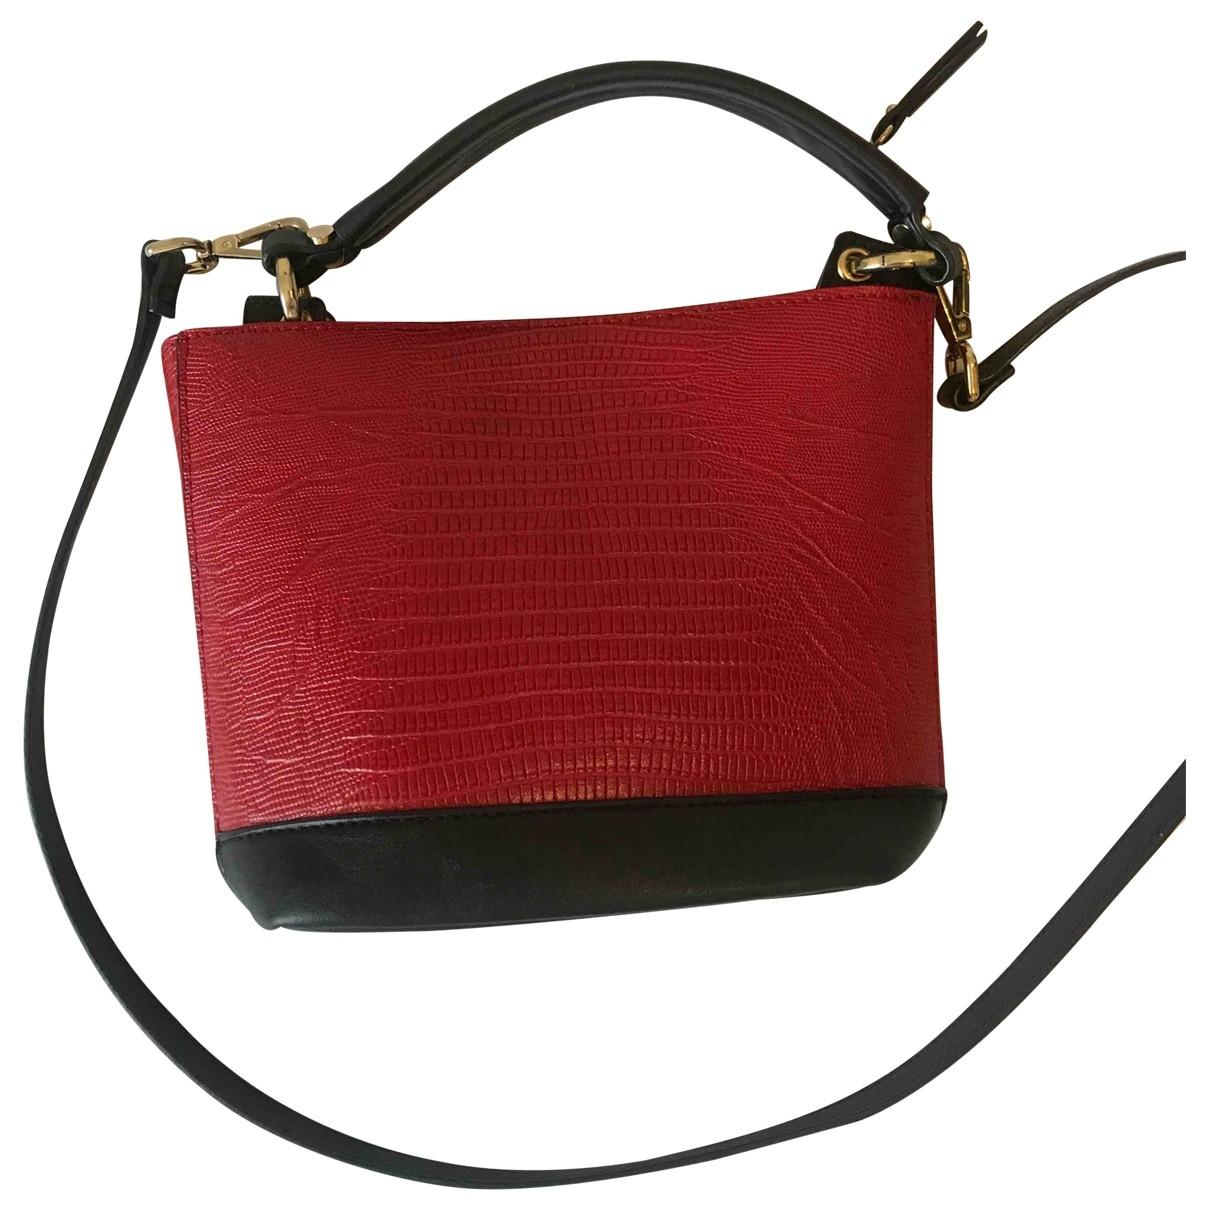 Zara \N Handtasche in  Rot Lackleder